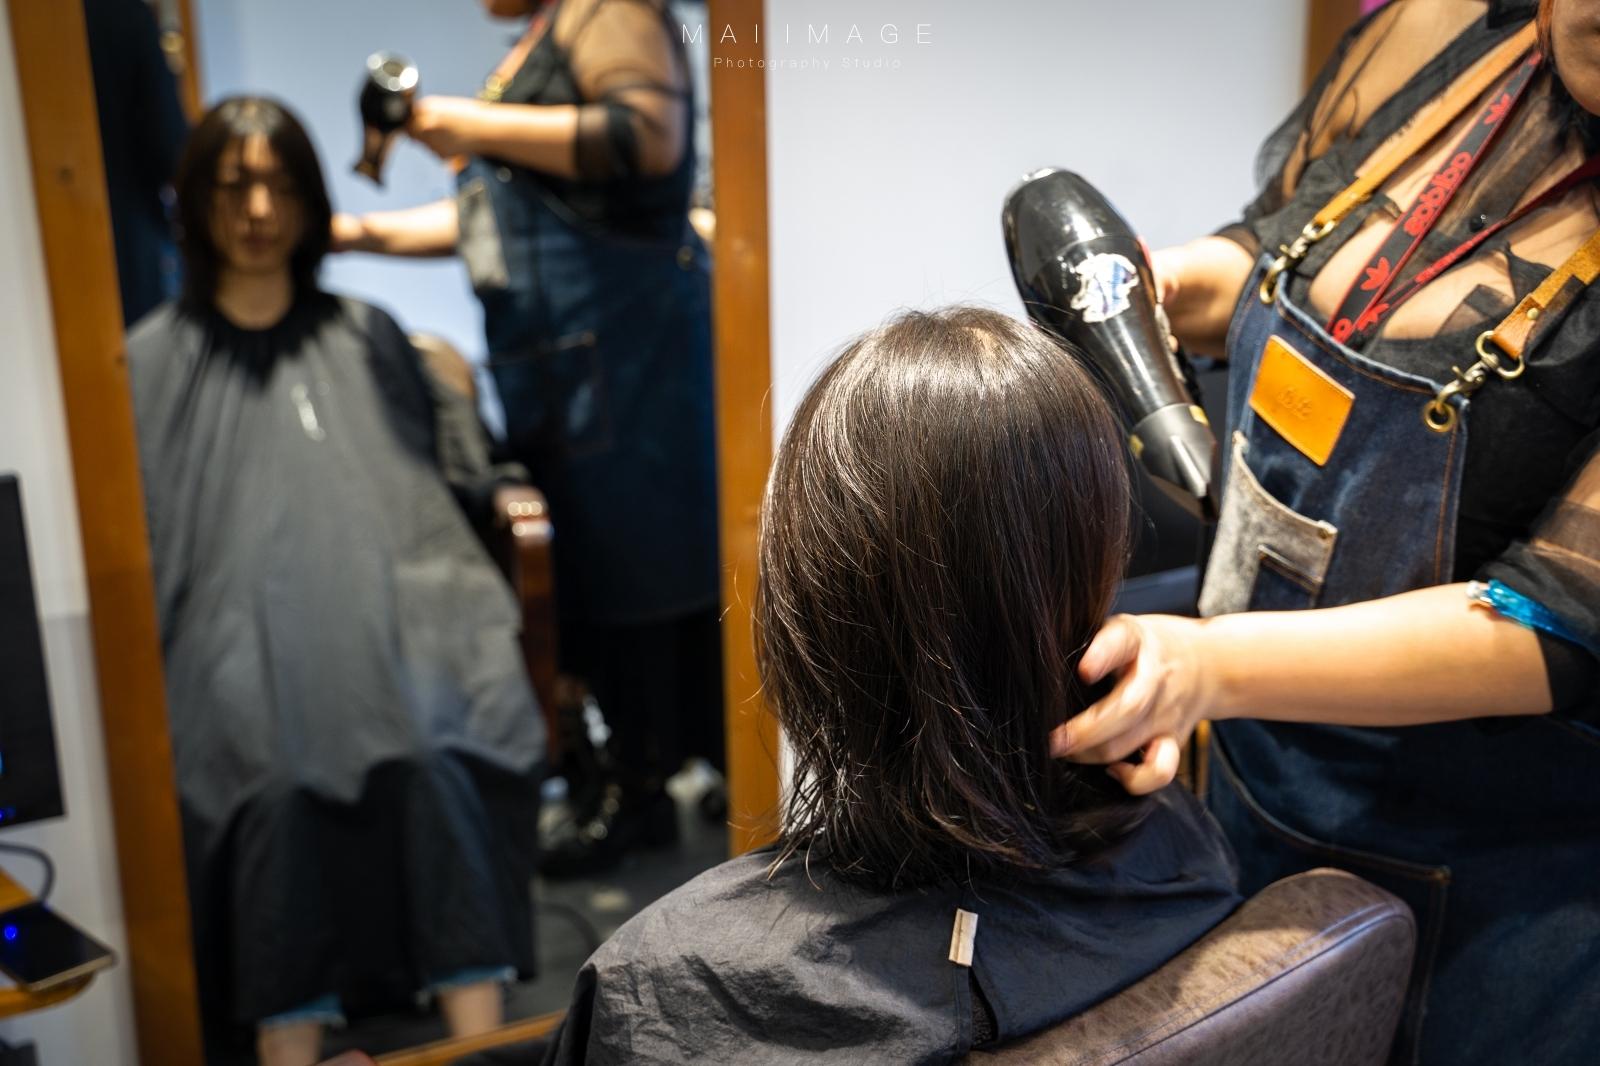 2020日系趨勢髮型是這個,中短髮超逆齡,髮量少也能輕鬆駕馭,五官更立體瘦小臉效果也不錯|分享髮藝 SHARE HAIR|板橋美髮